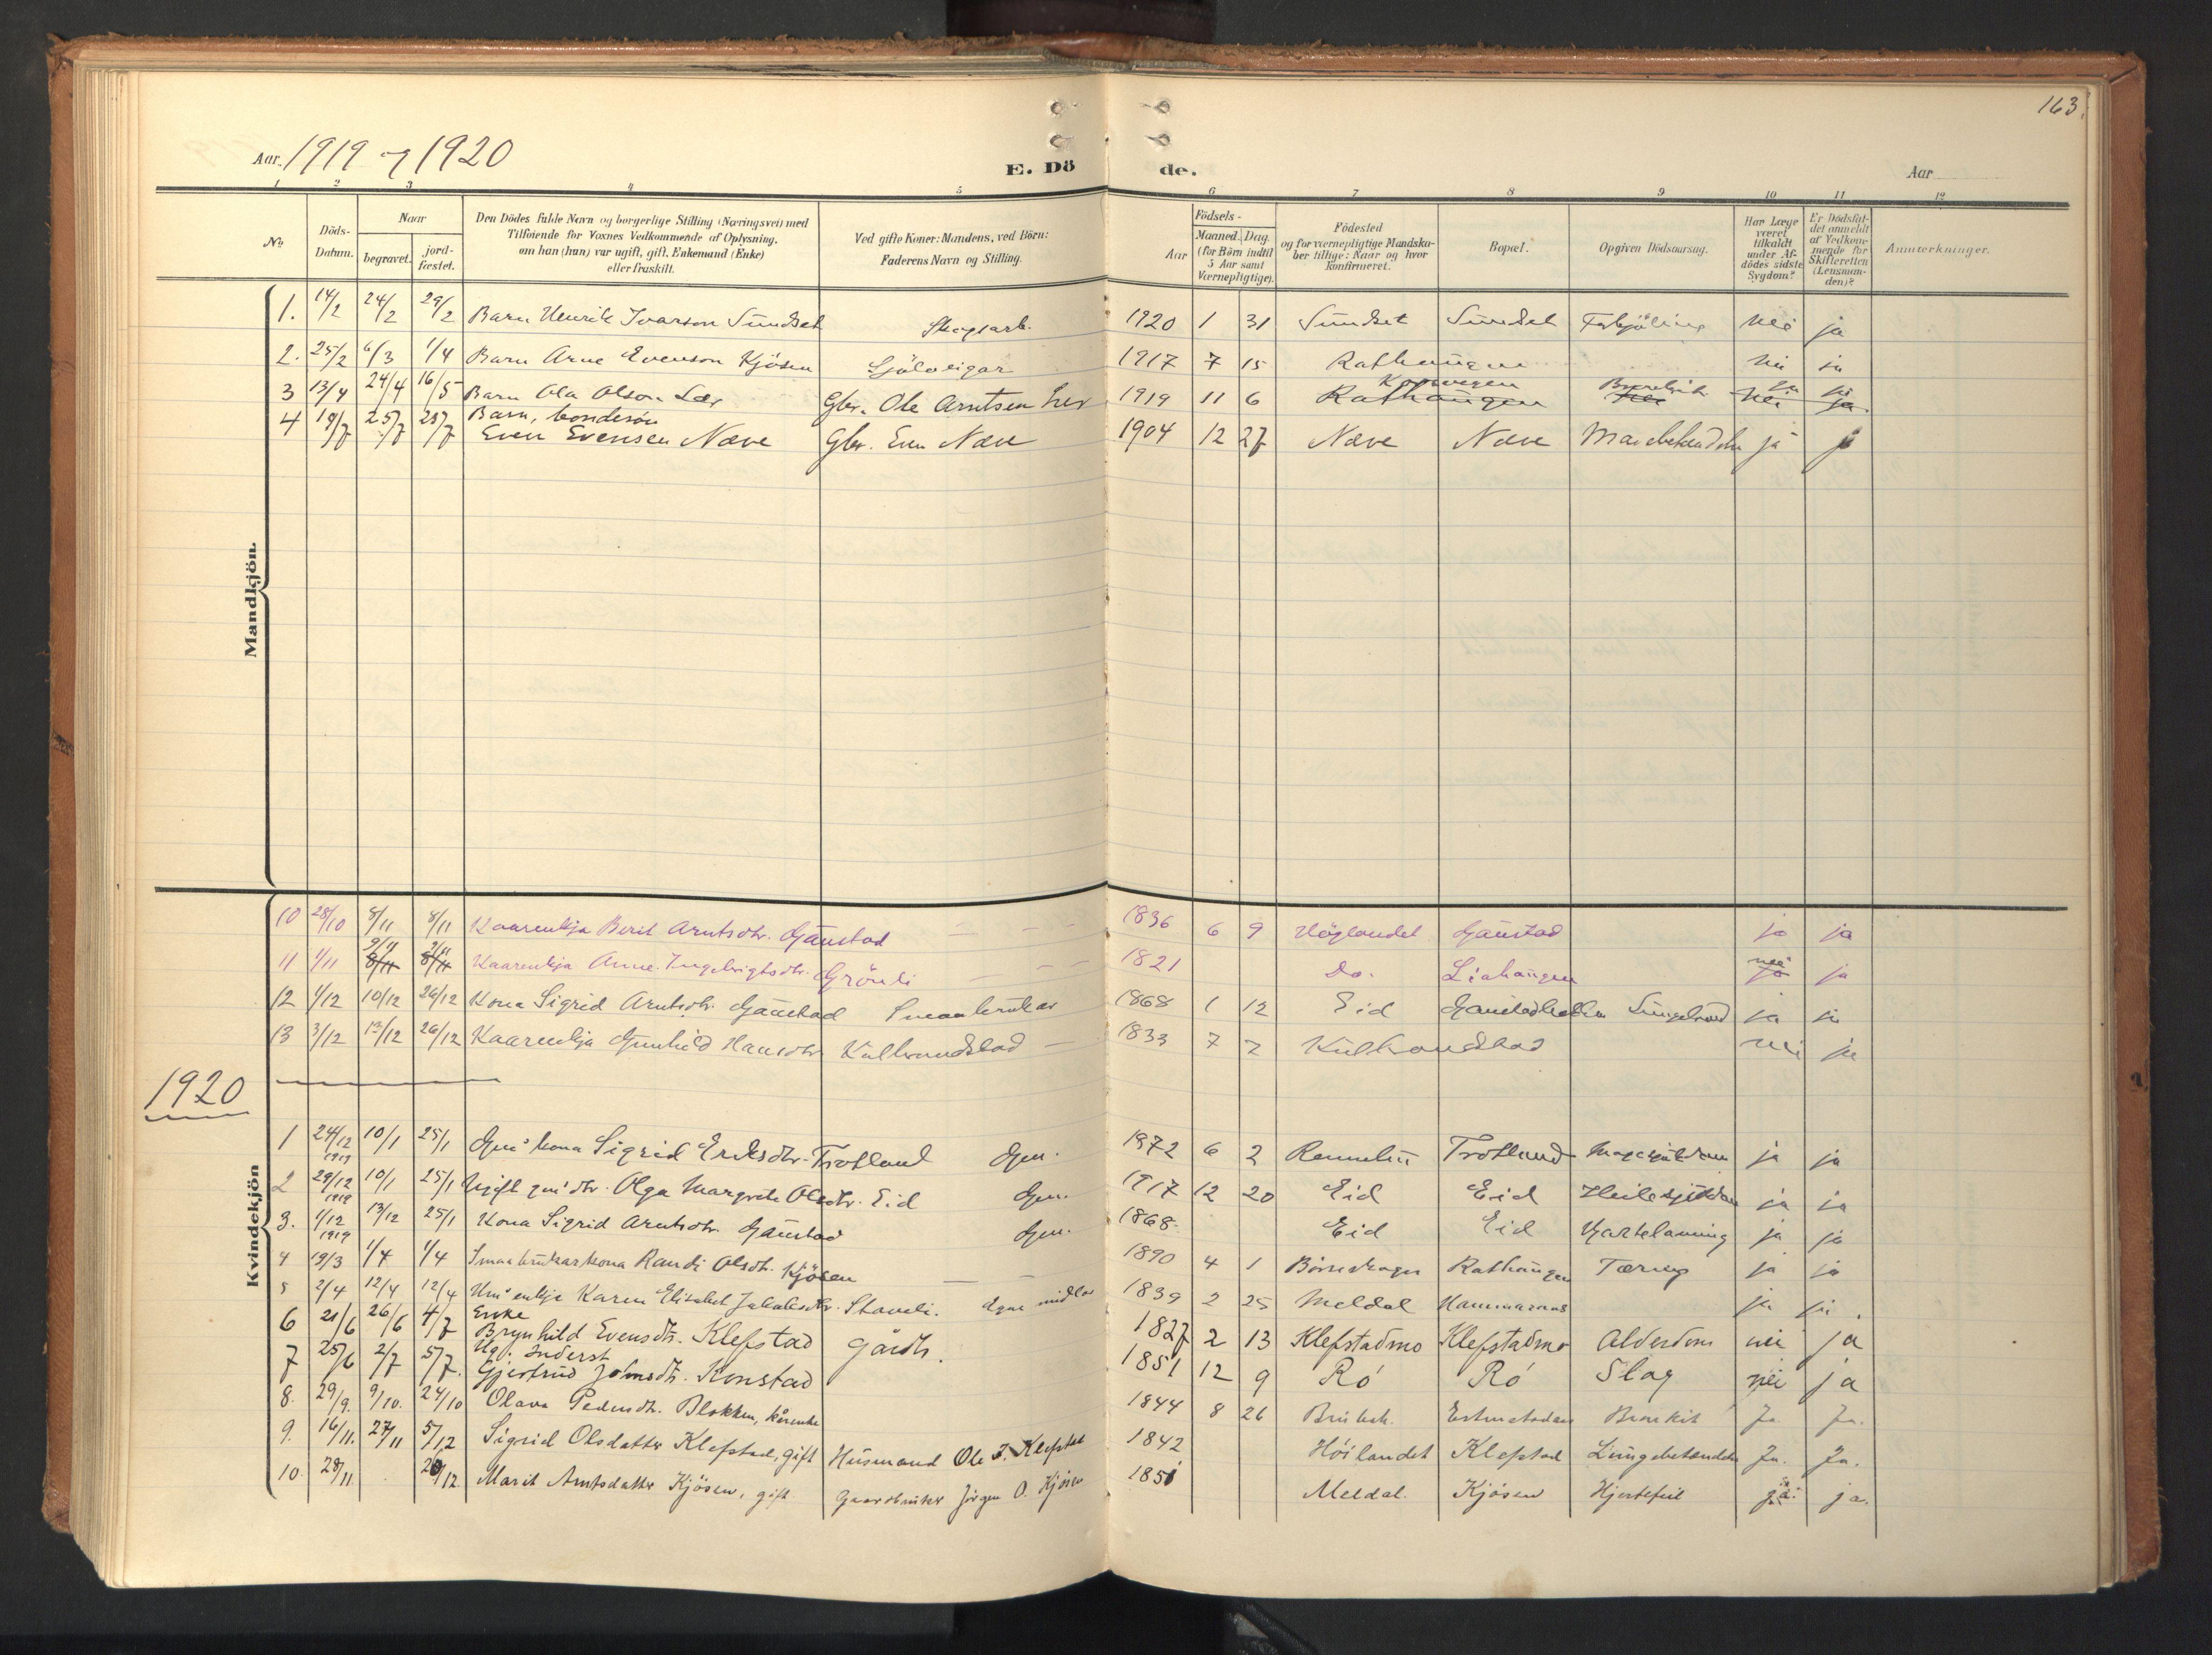 SAT, Ministerialprotokoller, klokkerbøker og fødselsregistre - Sør-Trøndelag, 694/L1128: Ministerialbok nr. 694A02, 1906-1931, s. 163